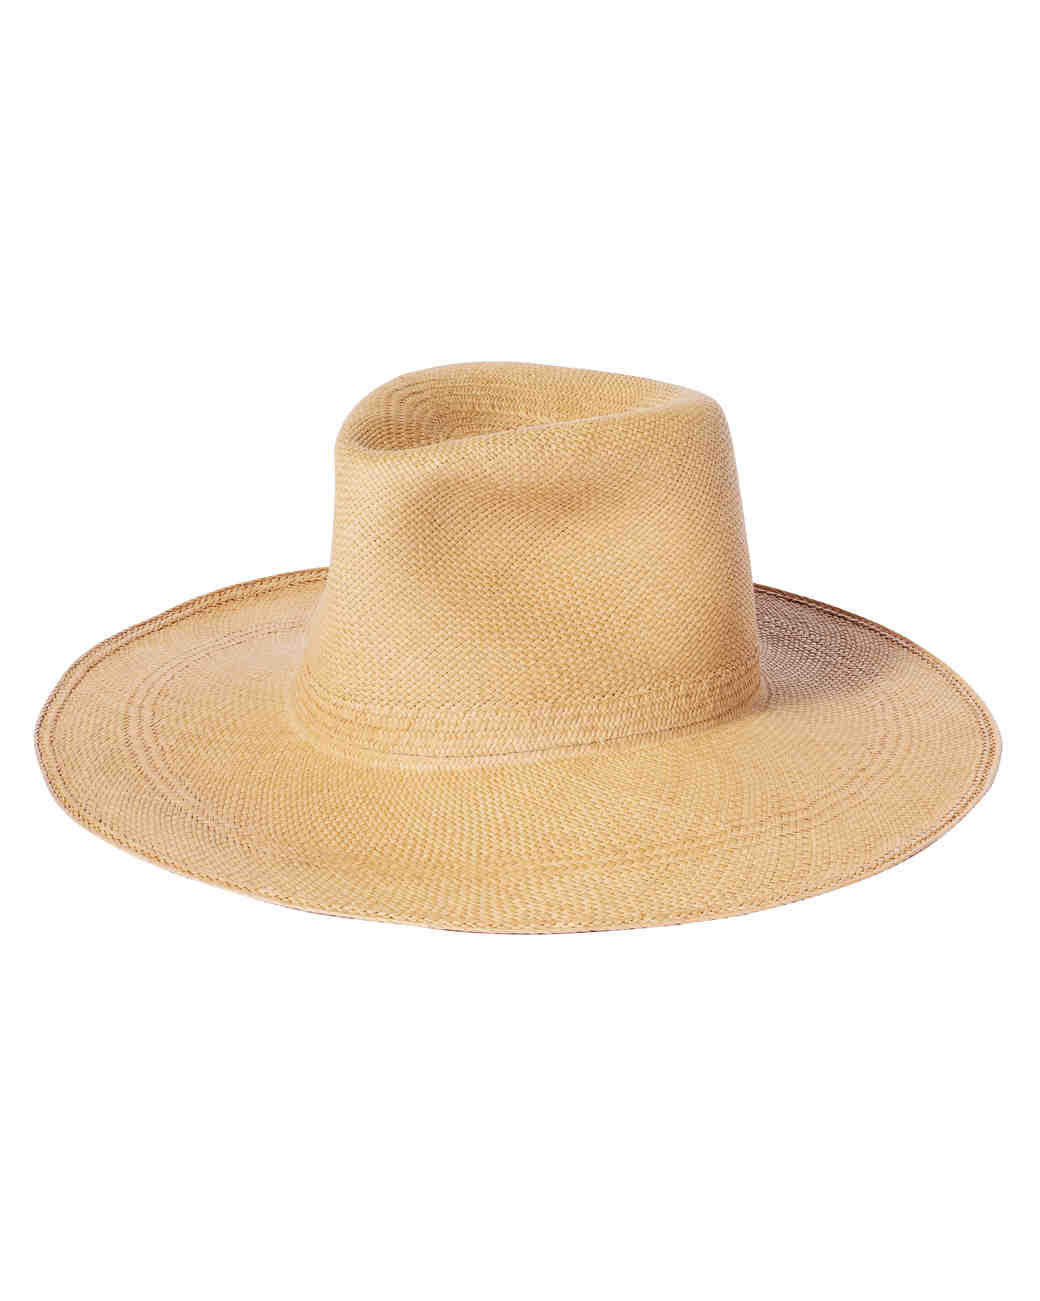 clyde-ss15-hat-104.jpg